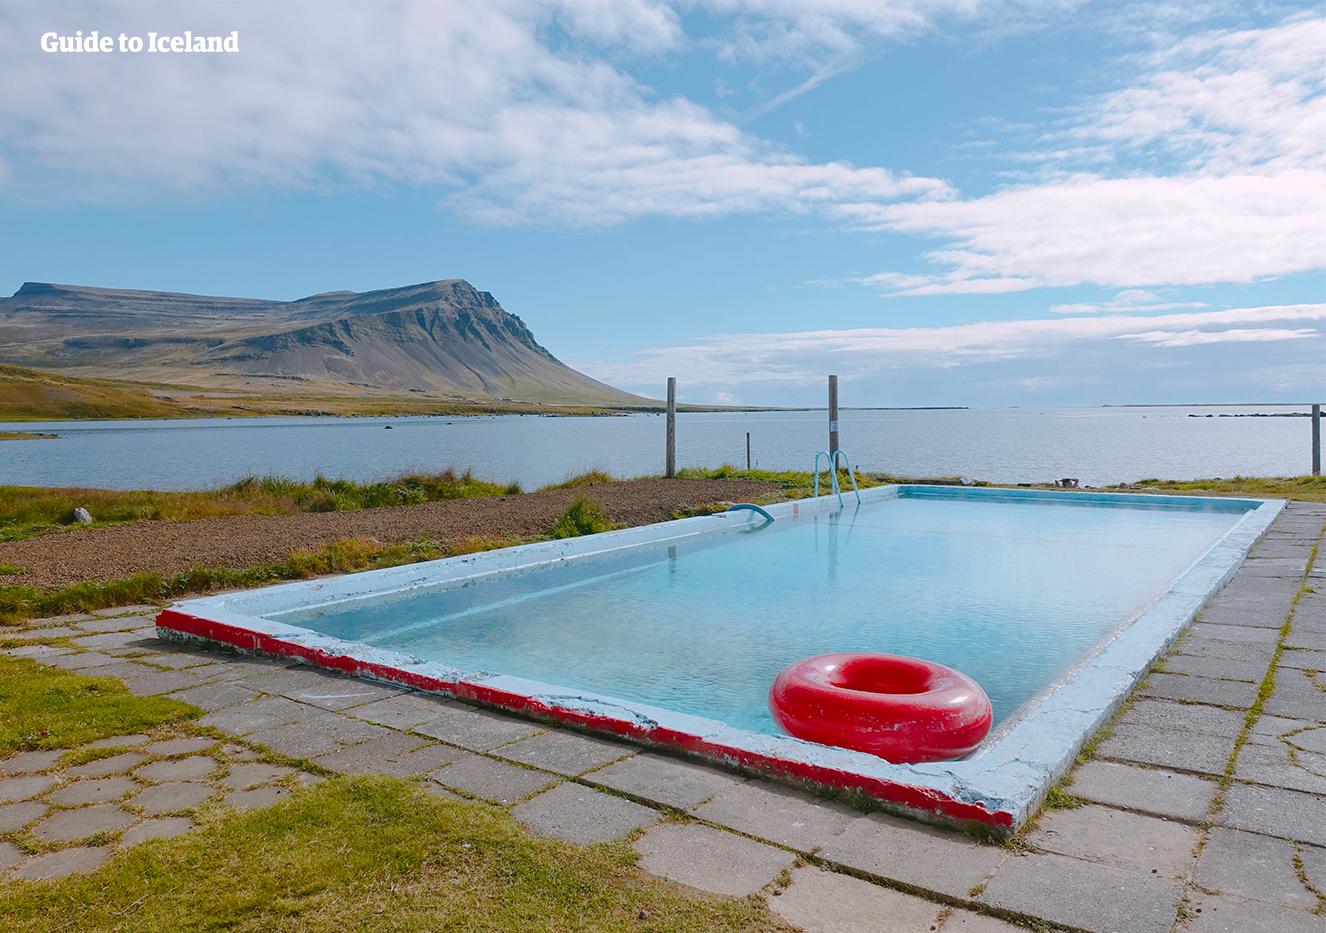 Das Schwimmbecken Birkimelur liegt in Patreksfjördur in den Westfjorden.